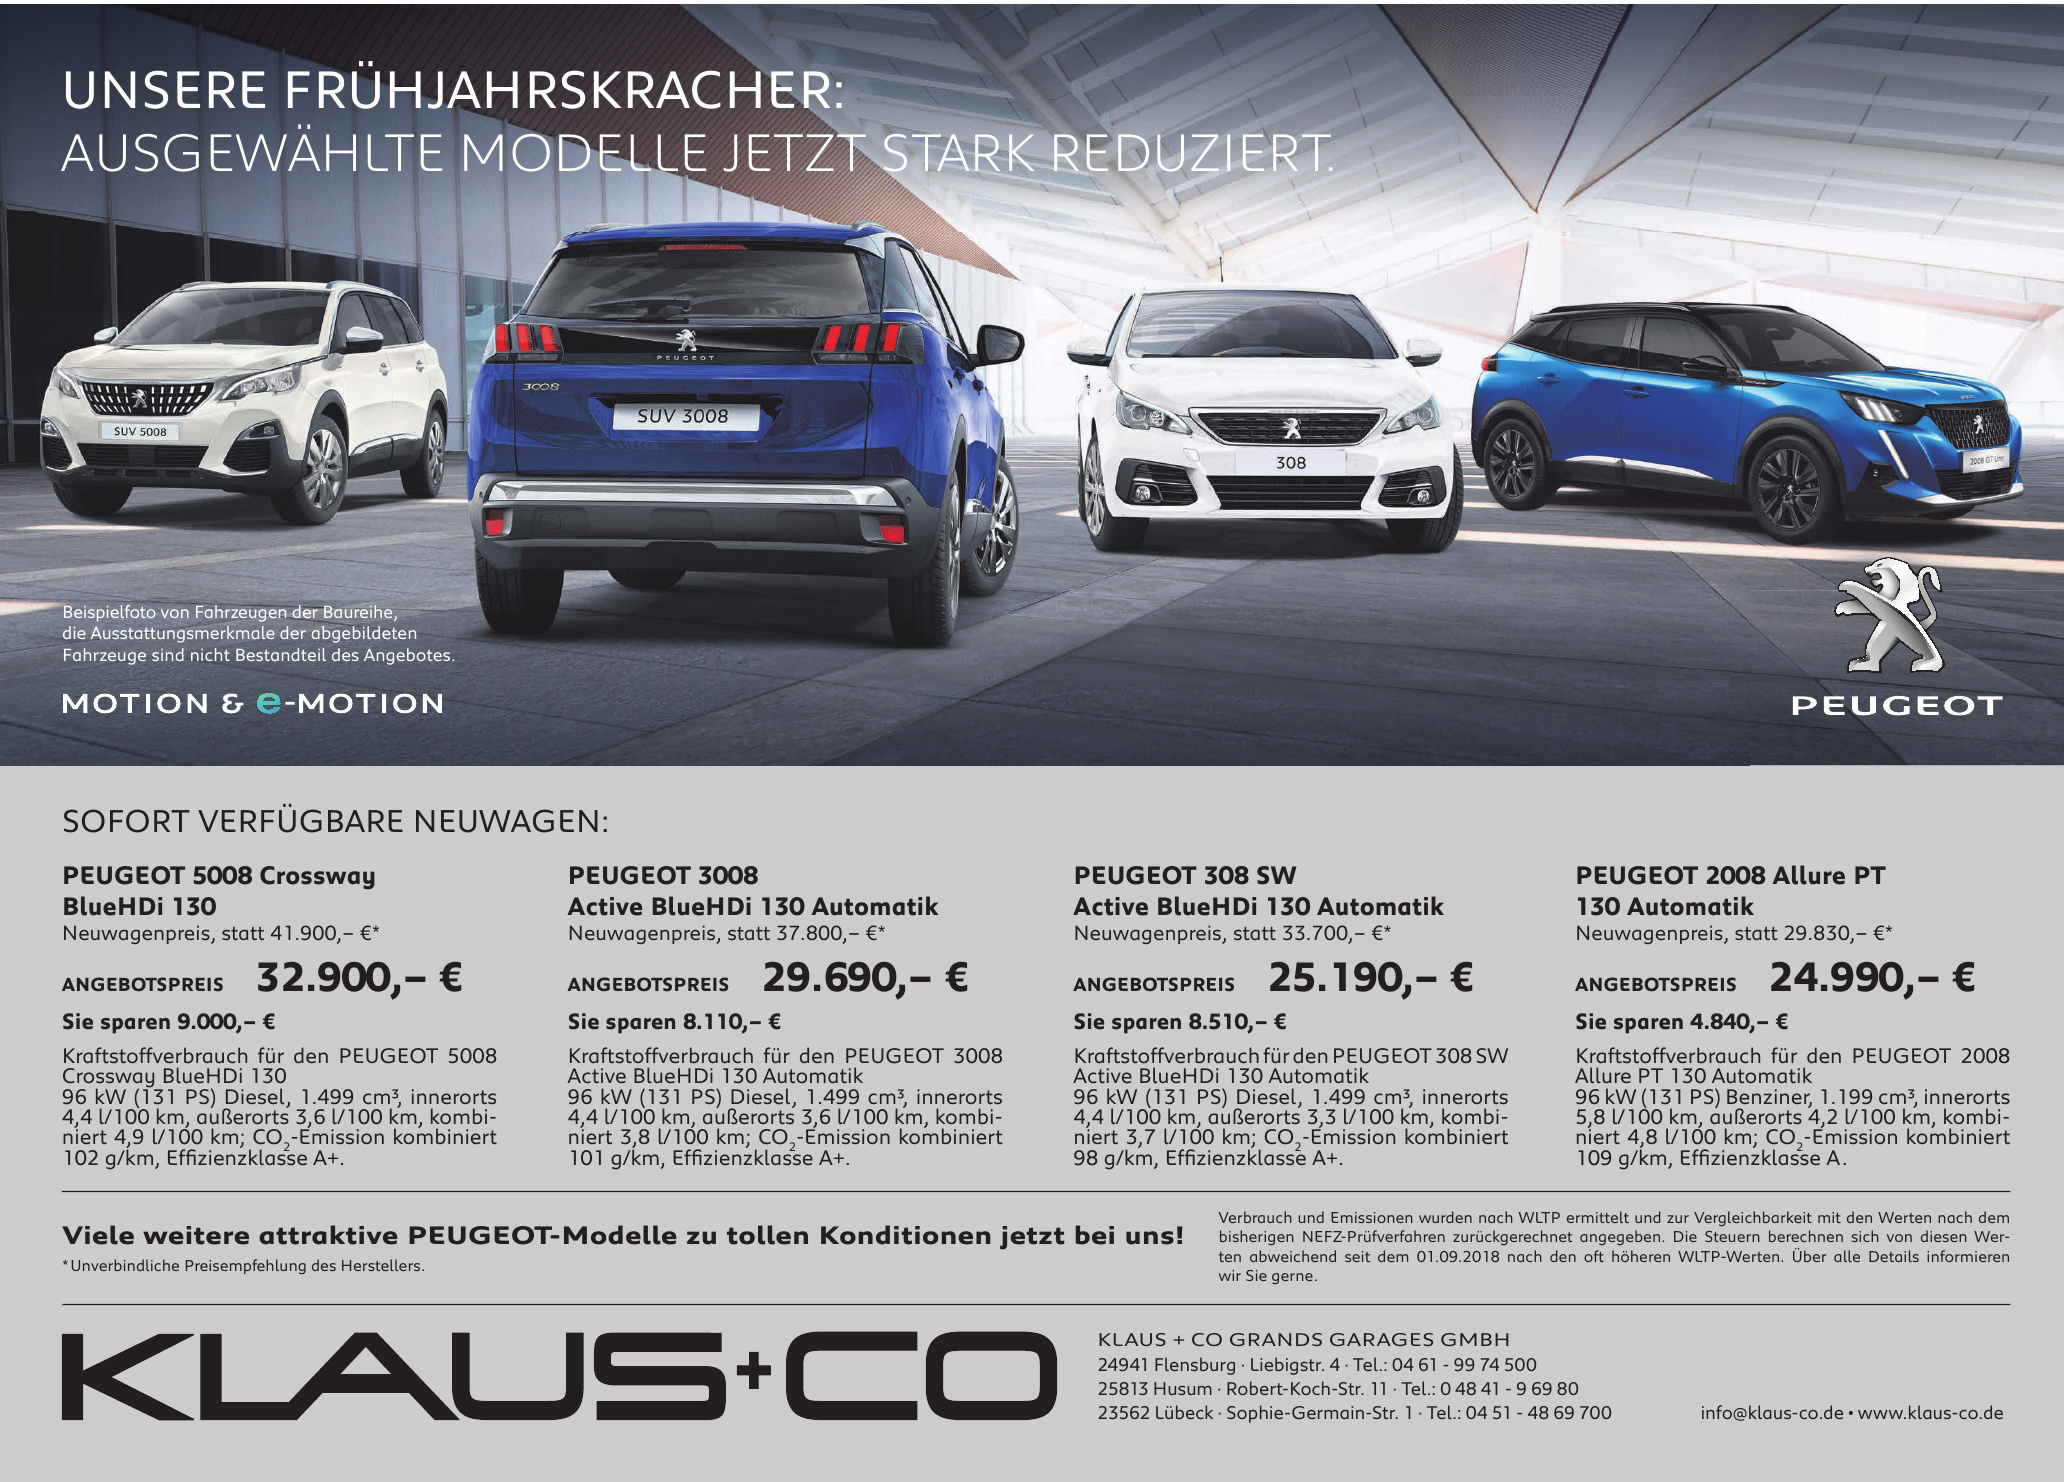 Klaus + Co Grands Garages GmbH